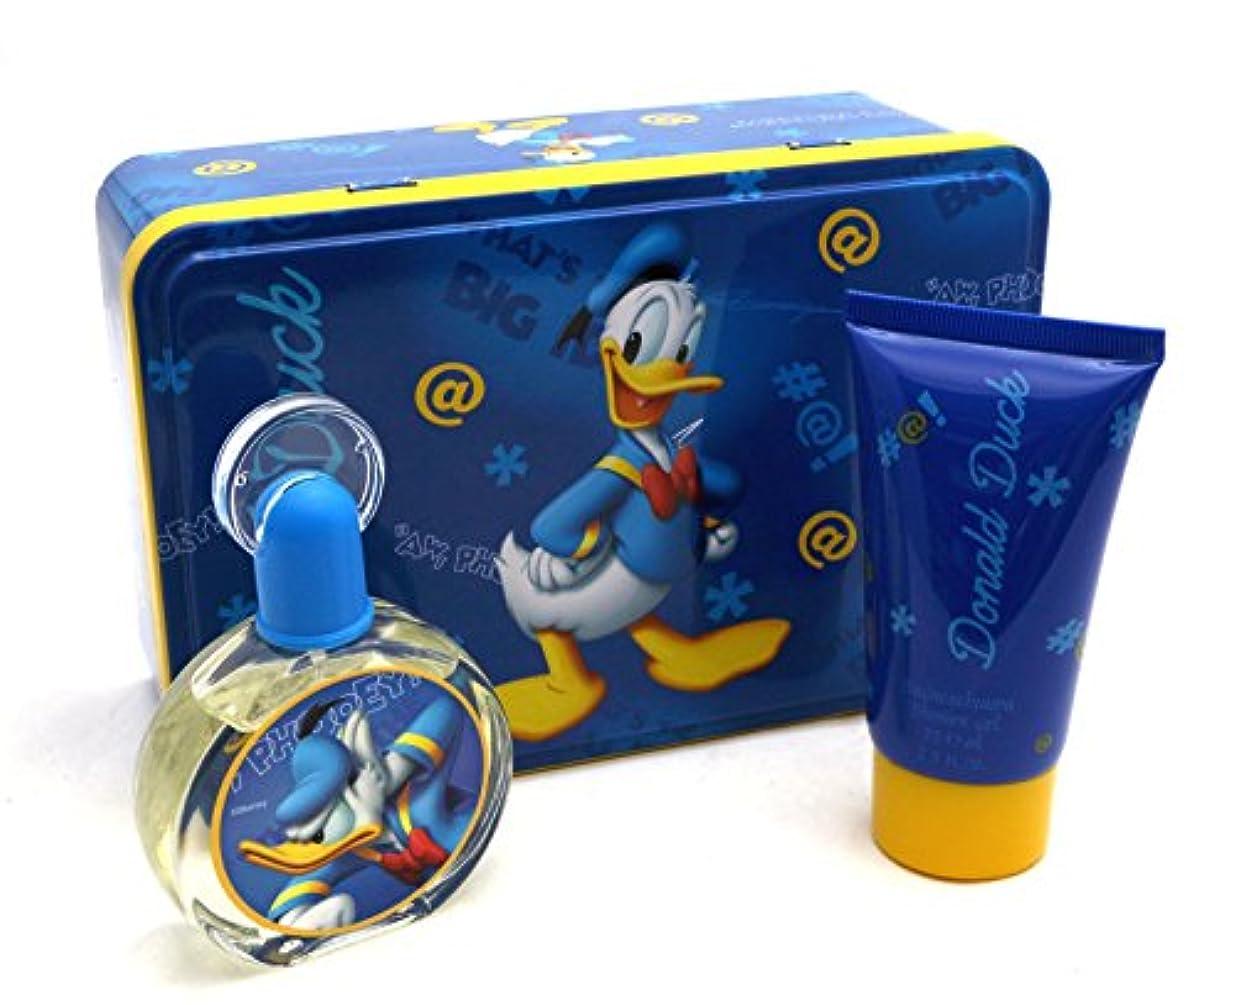 誘導の中でアクセントDonald Duck (ドナルドダック) 1.7 oz (50ml) EDT Spray + 2.5 oz (75ml) Shower Gel by Disney